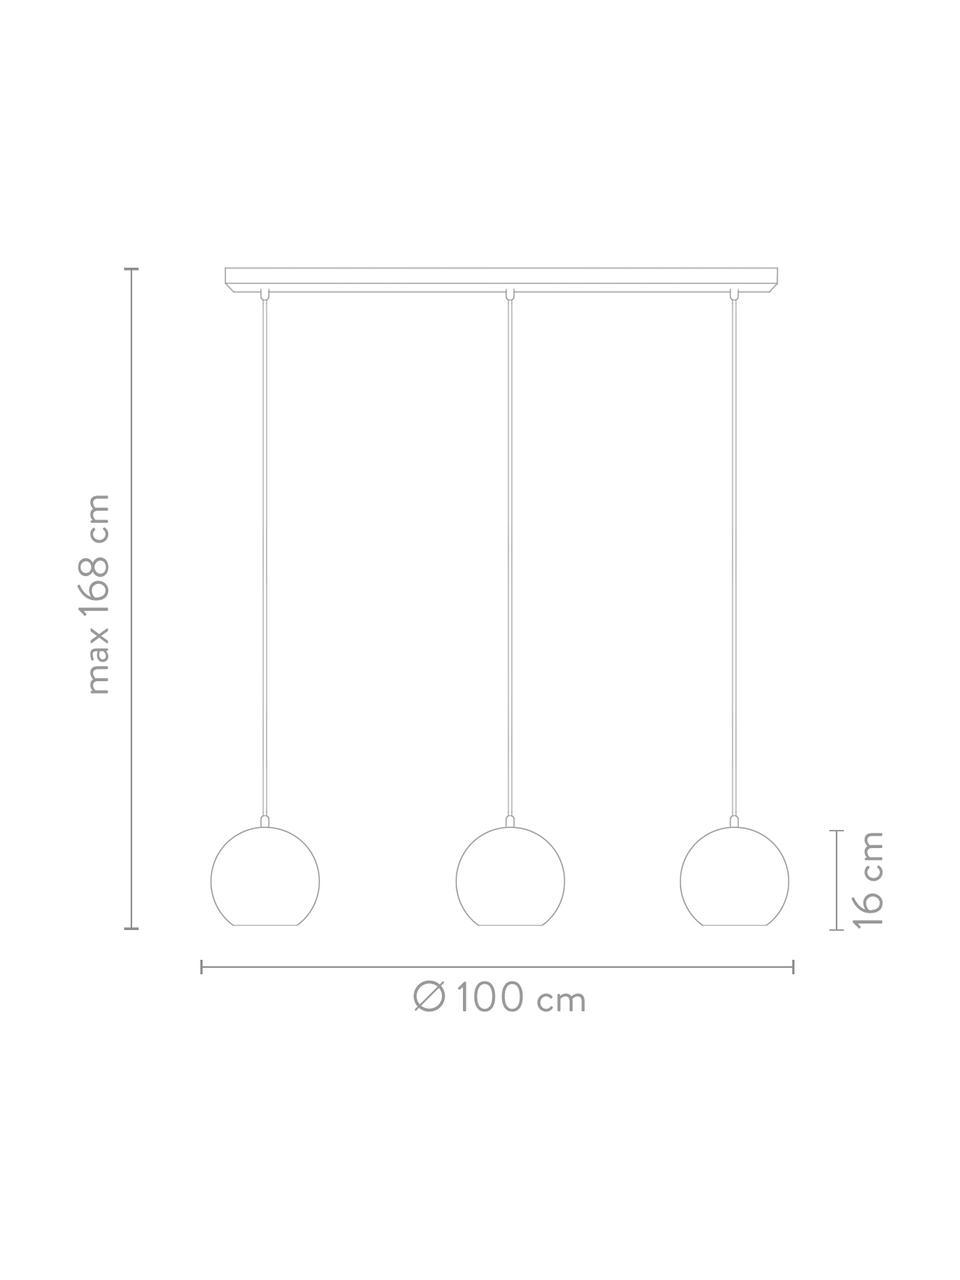 Große Kugel-Pendelleuchte Ball in Chromfarben, Baldachin: Metall, lackiert, Chrom, hochglanz, Schwarz, matt, 100 x 18 cm